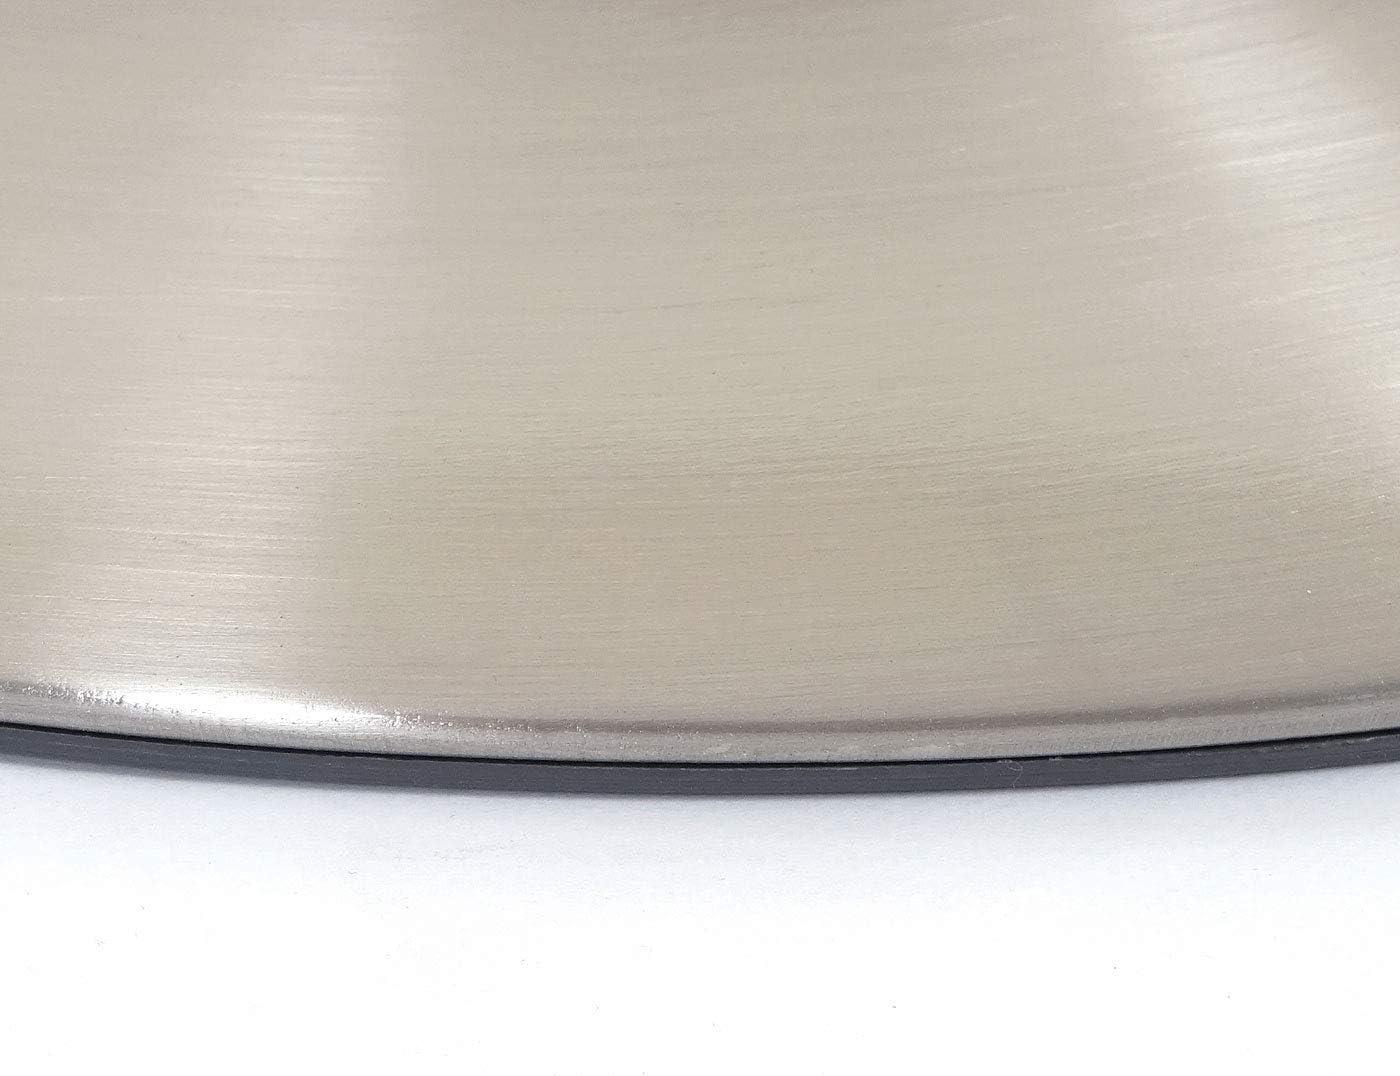 2X Plateau de Sol pour Tabouret de Bar, Chaise pivotante, Chaise de Salle à Manger, métal brossé ~ Ø 38,5cm Ø 45cm